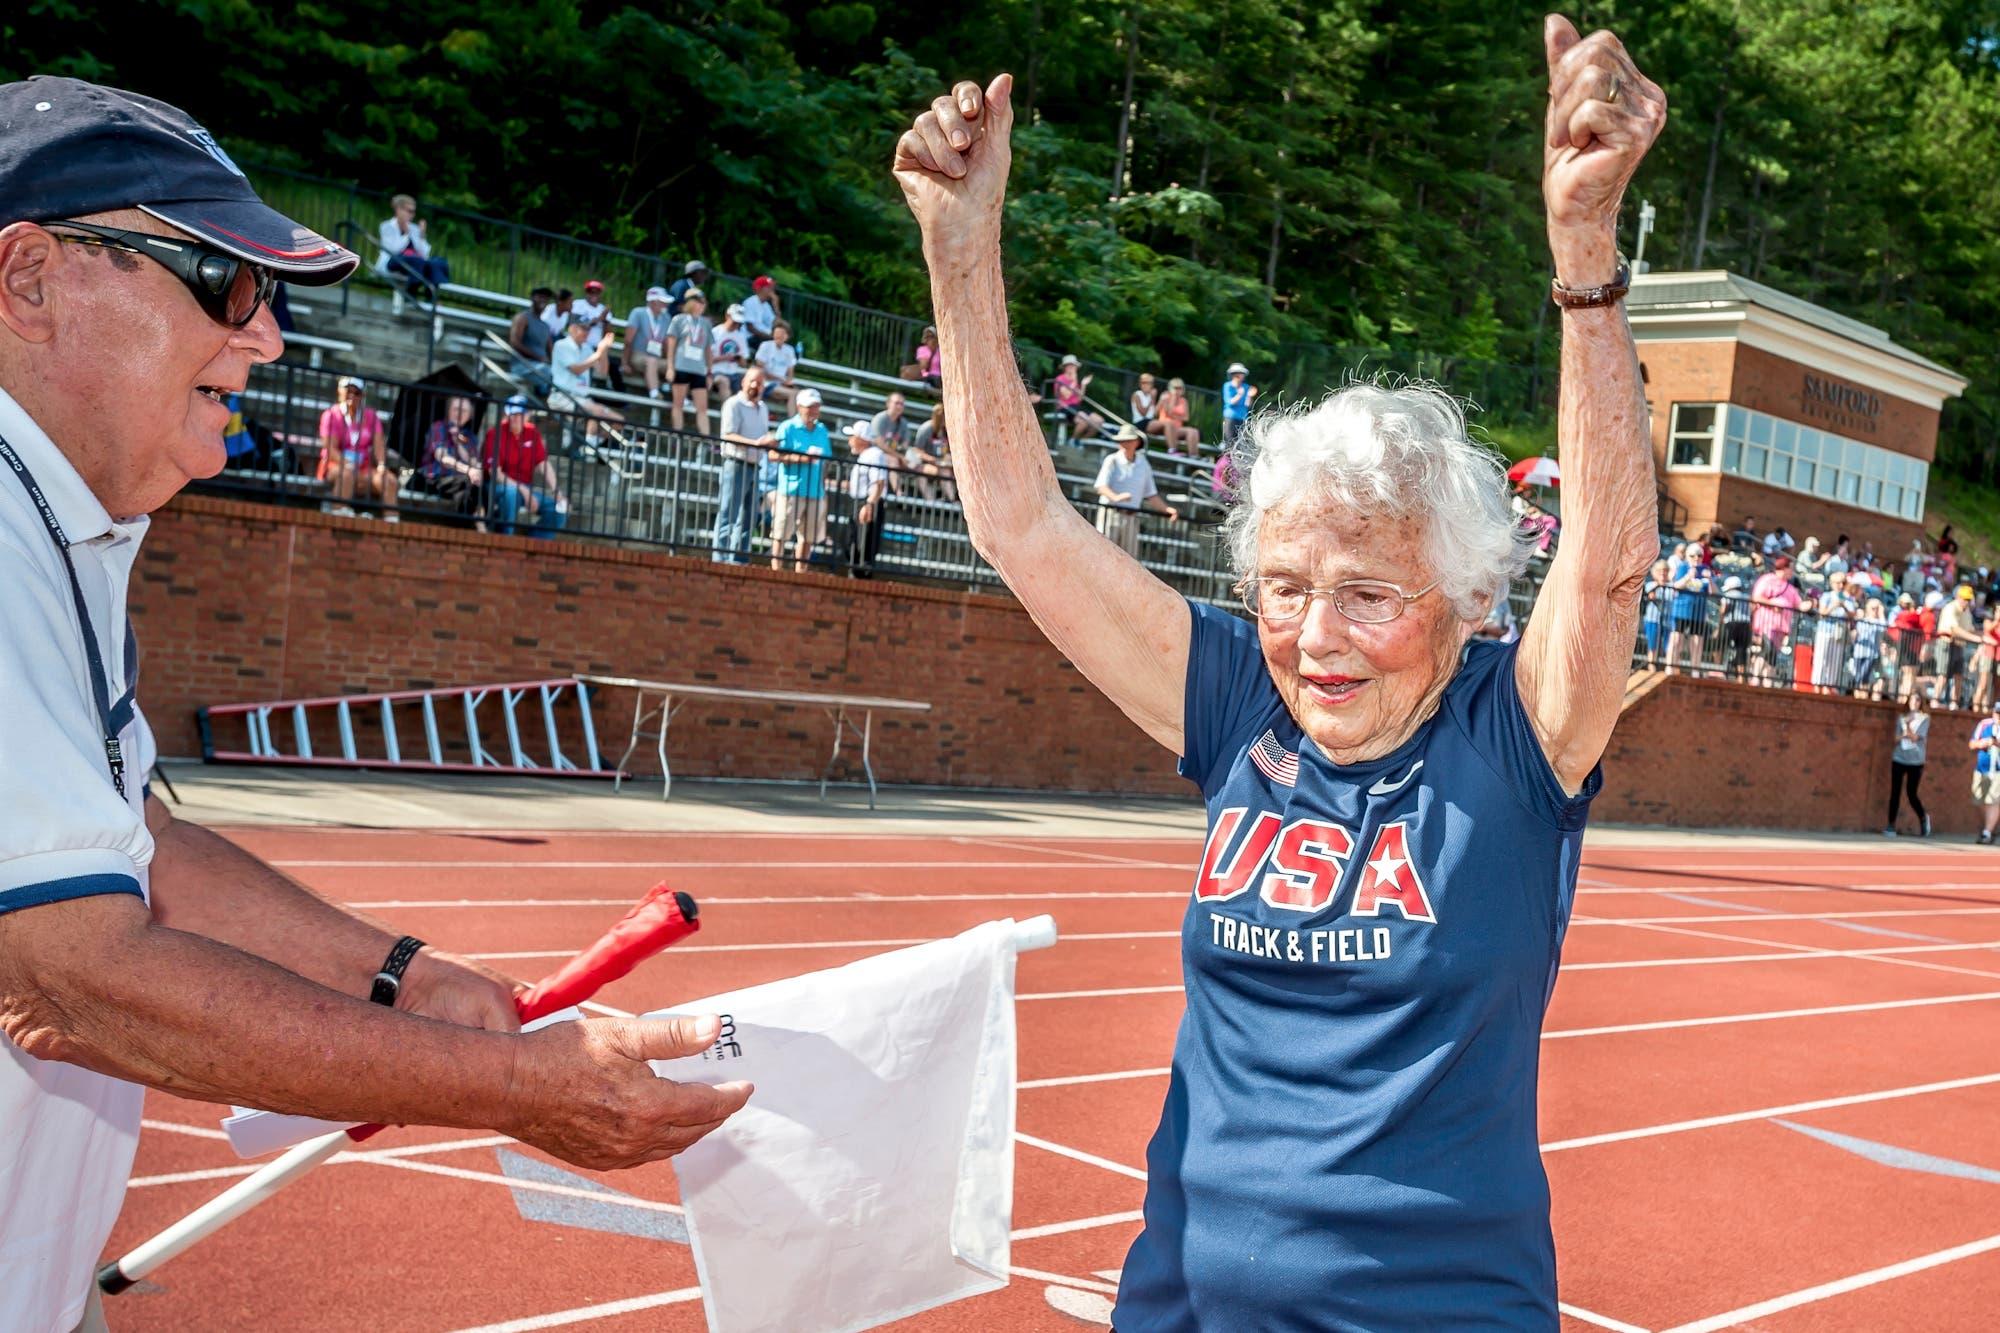 Empezó a correr a los 100 años y a los 103 sigue aferrada a su nueva pasión